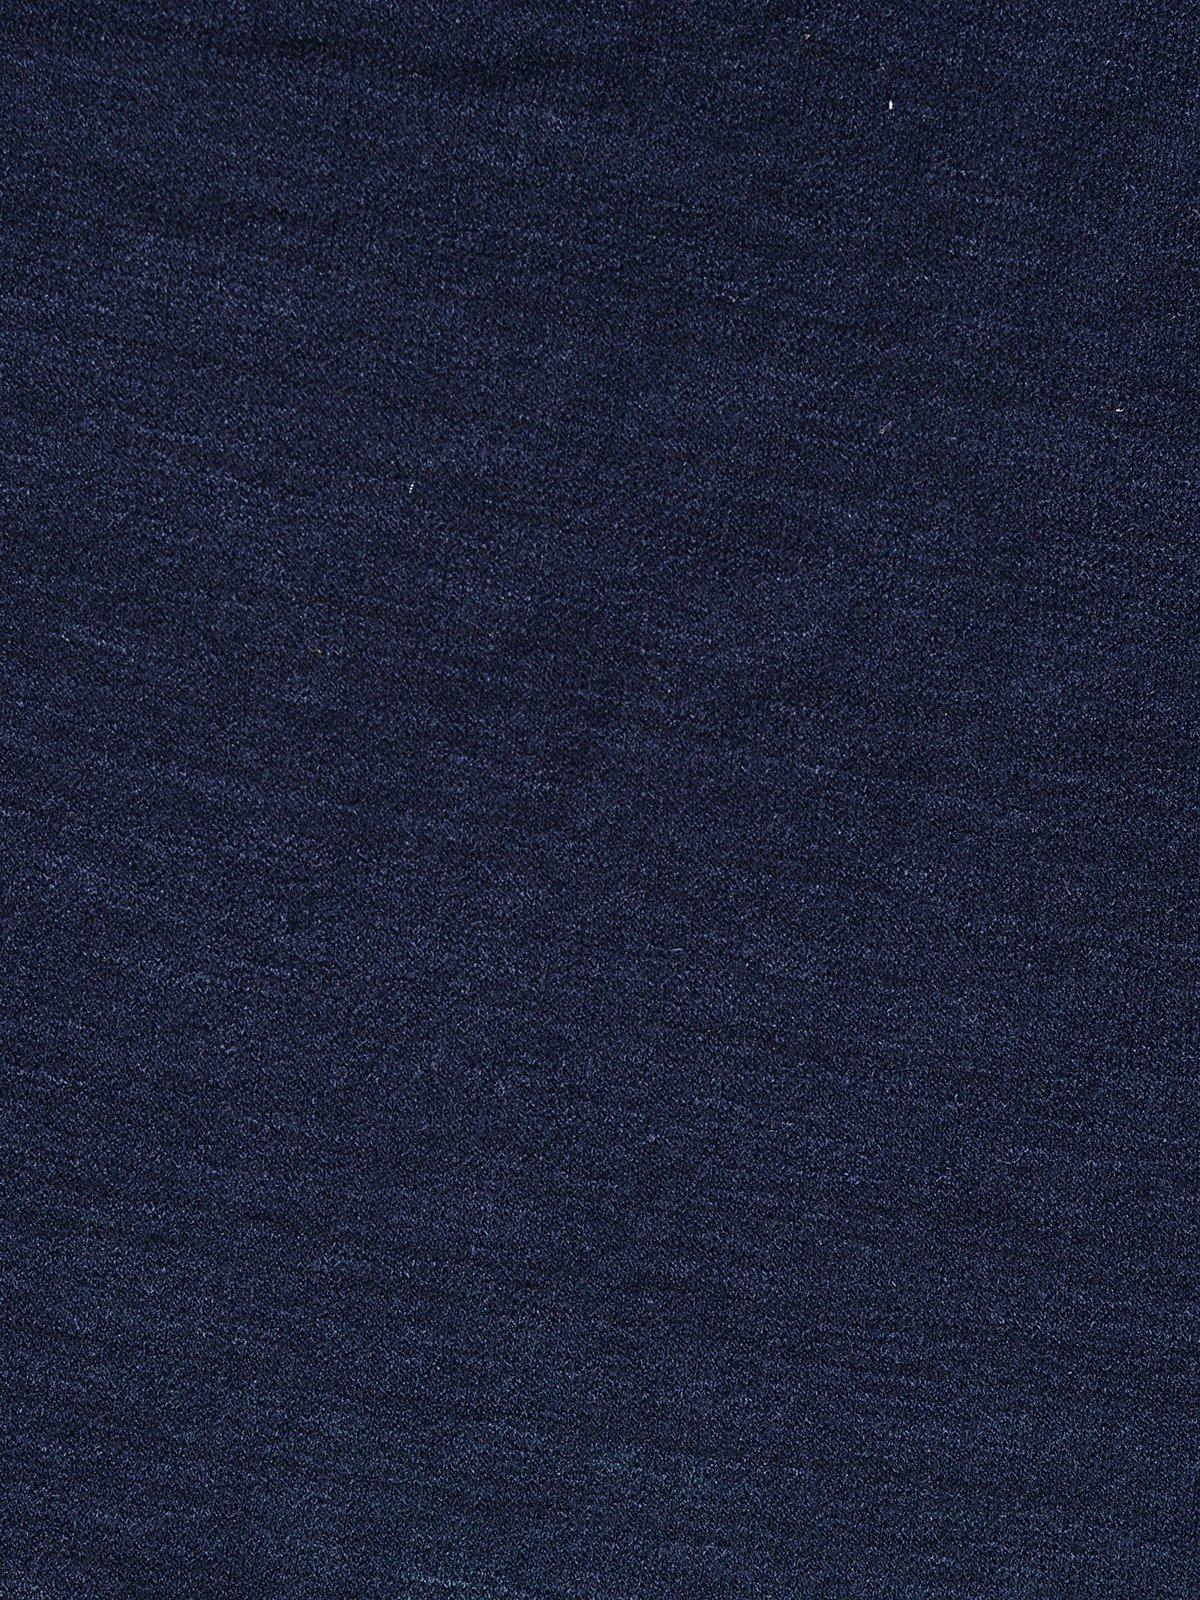 Туника темно-синяя   3246859   фото 4